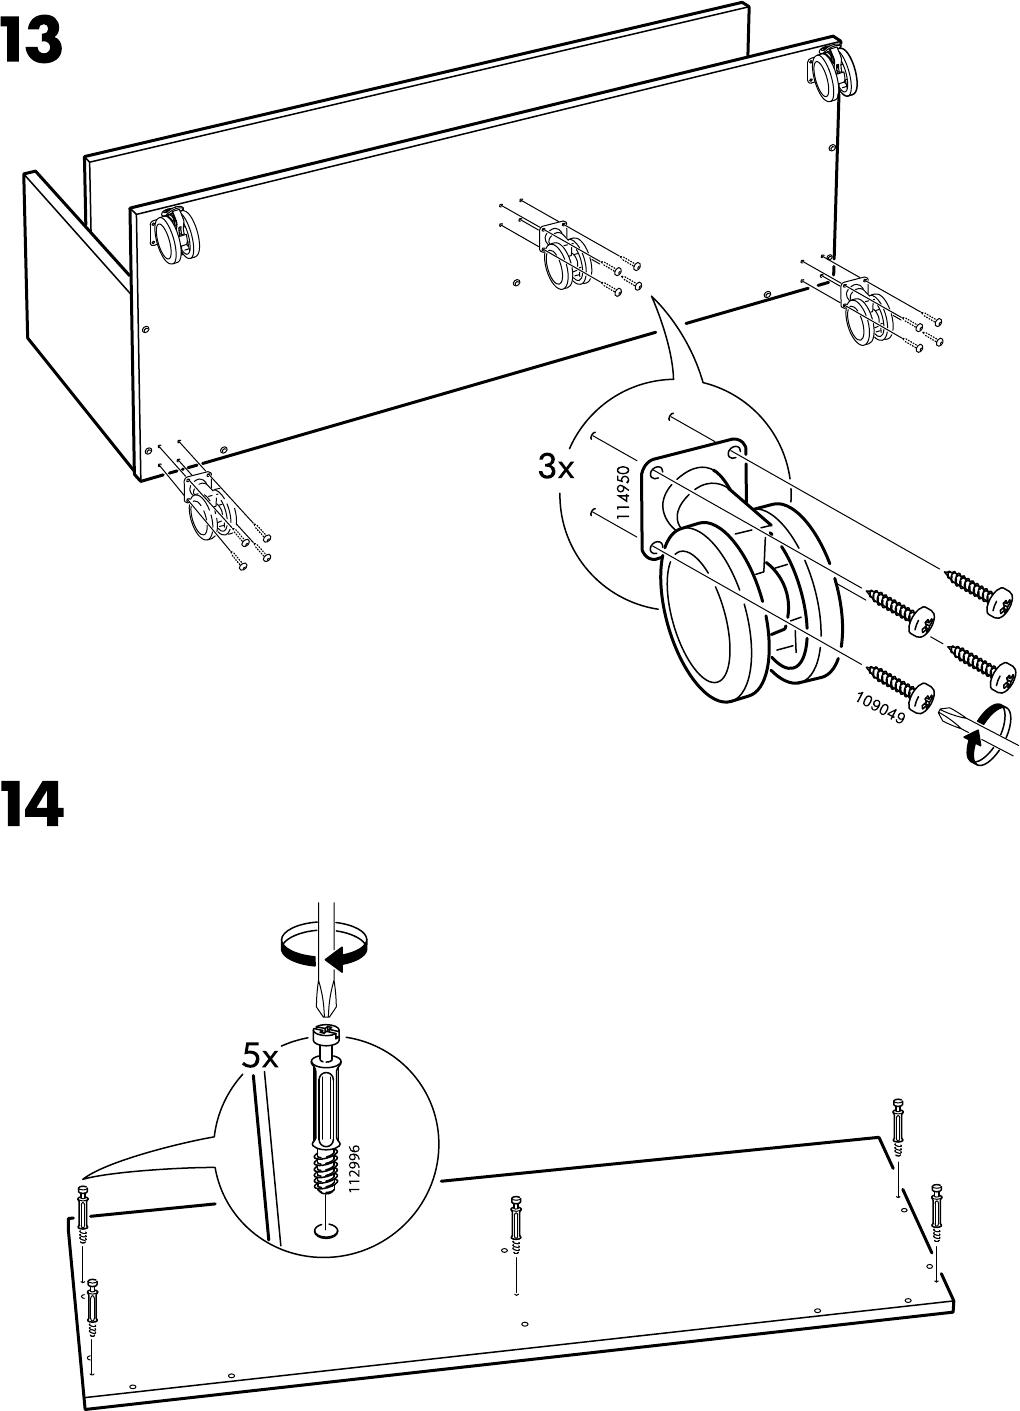 Benno Tv Meubel Ikea.Handleiding Ikea Benno Tv Meubel Op Wielen Pagina 12 Van 12